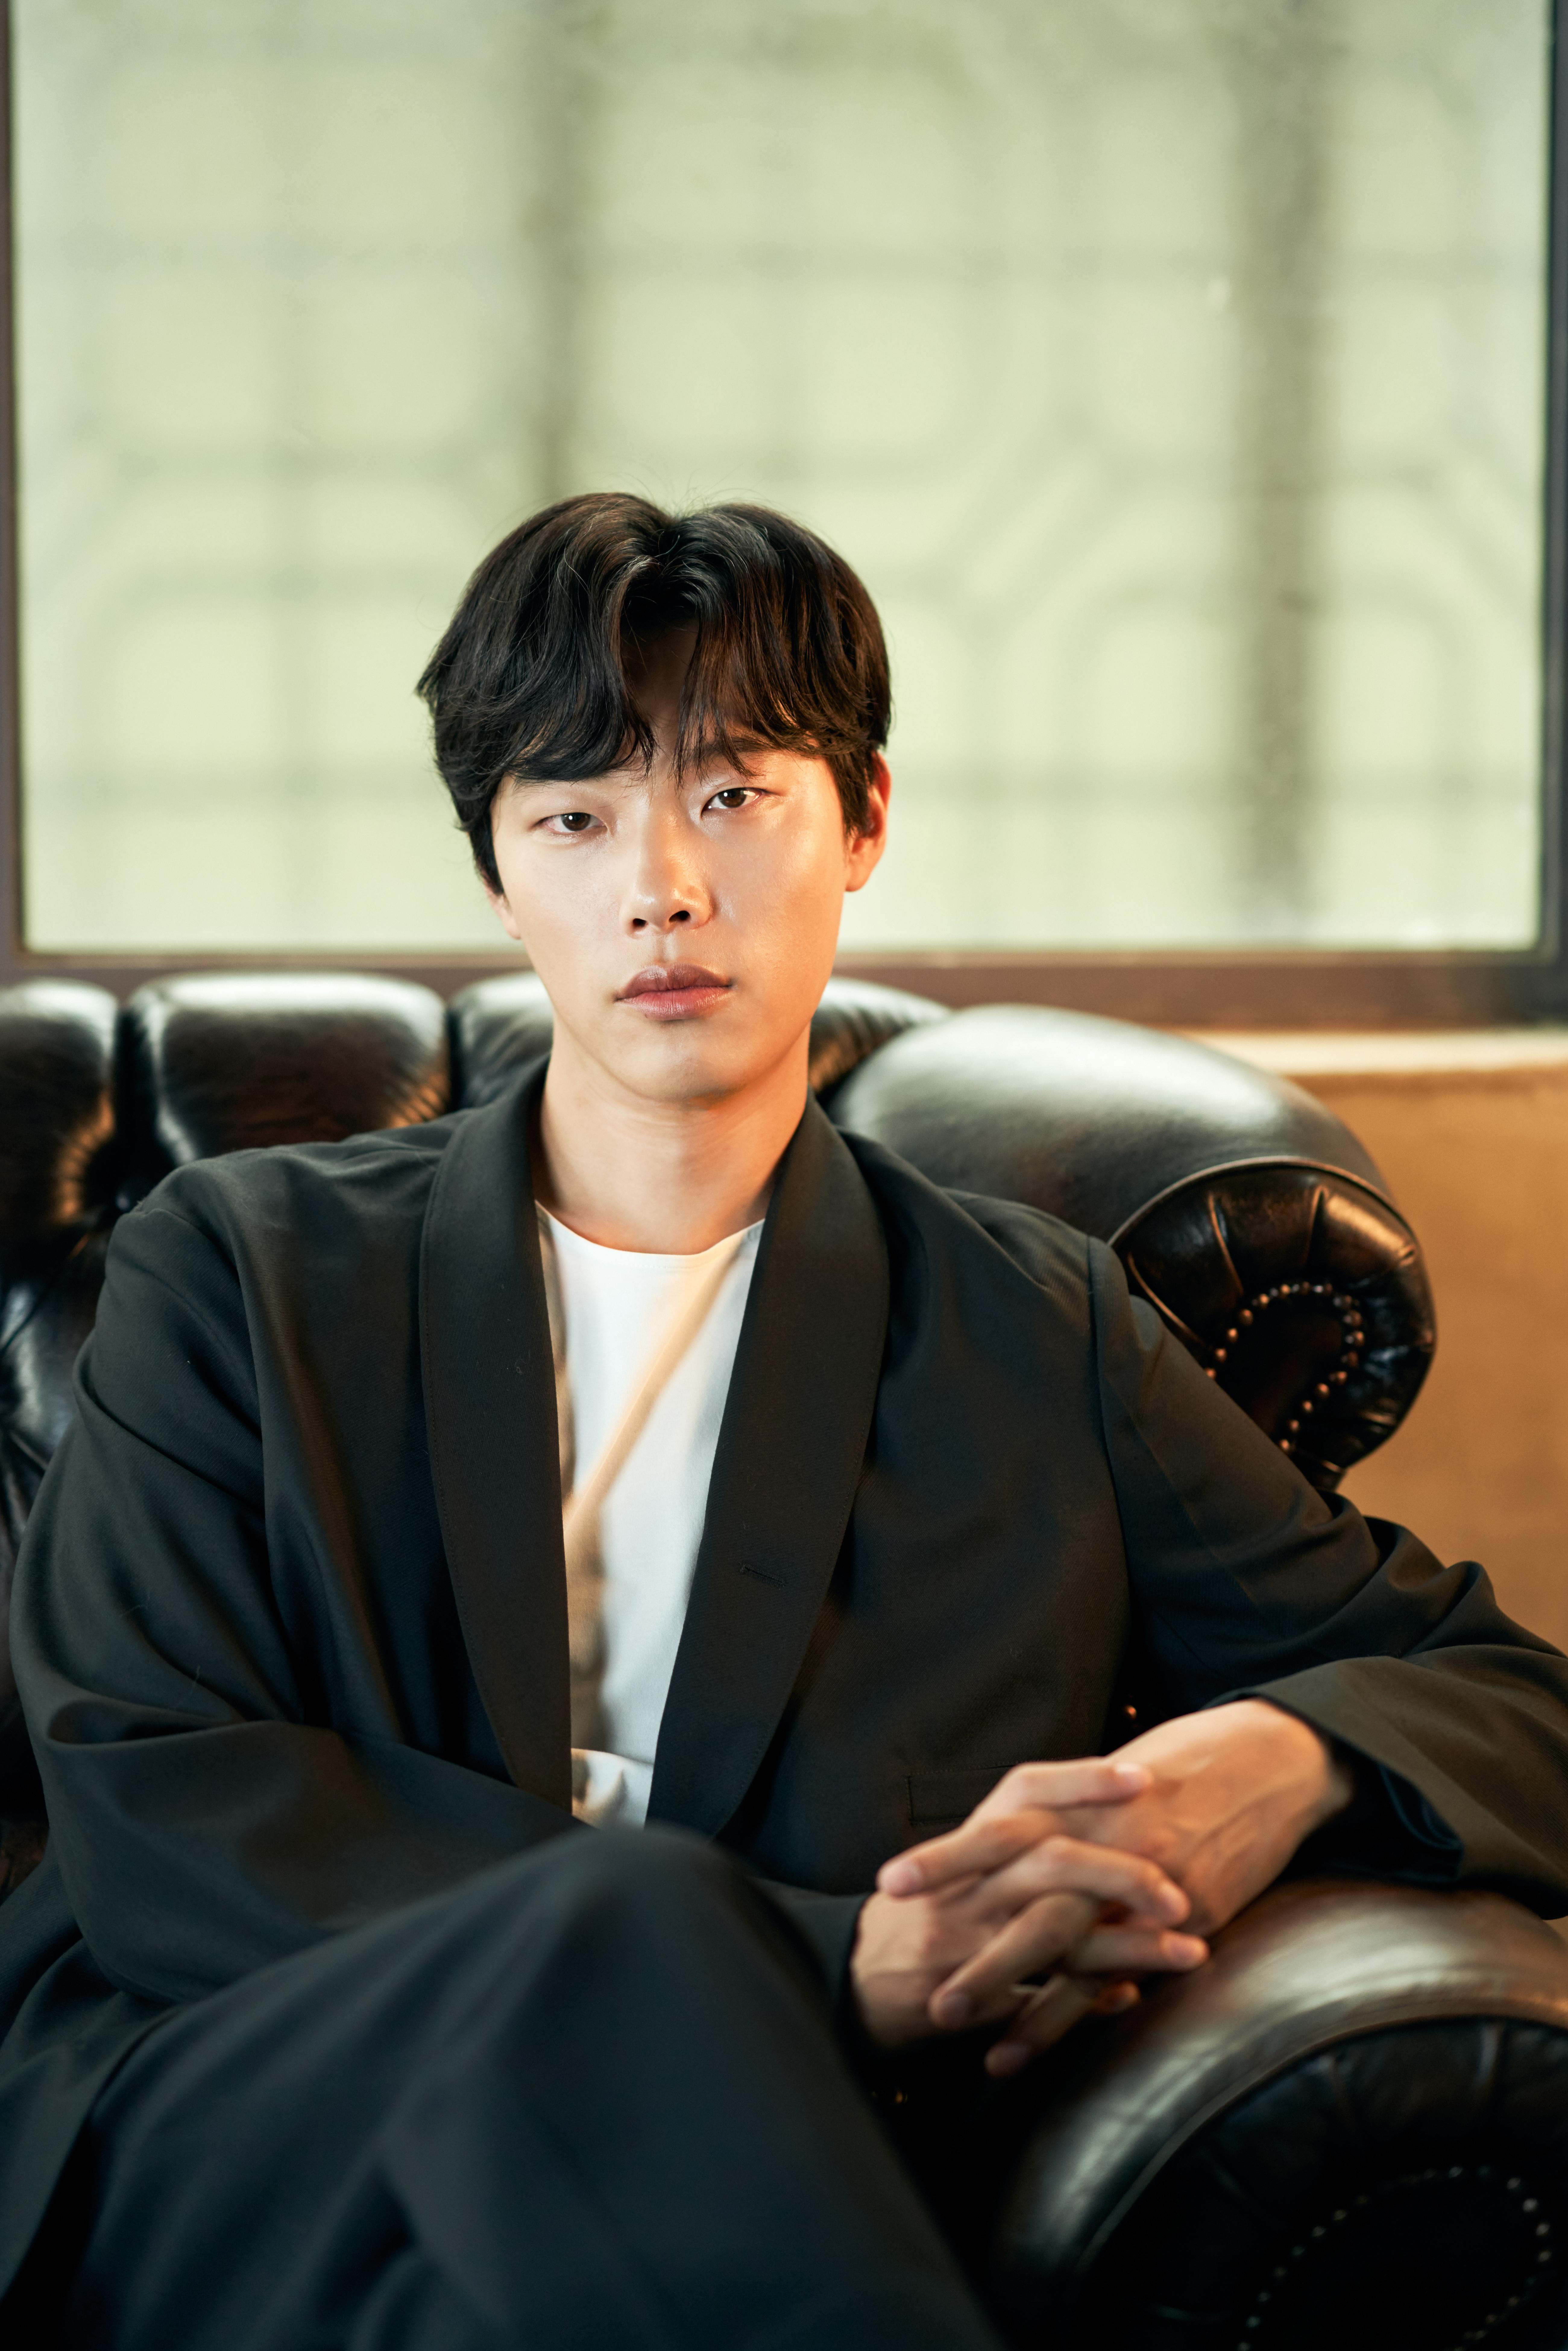 """[人스타] 류준열 """"버킷리스트 중 하나인 전쟁영화, 이번에 소원성취"""""""